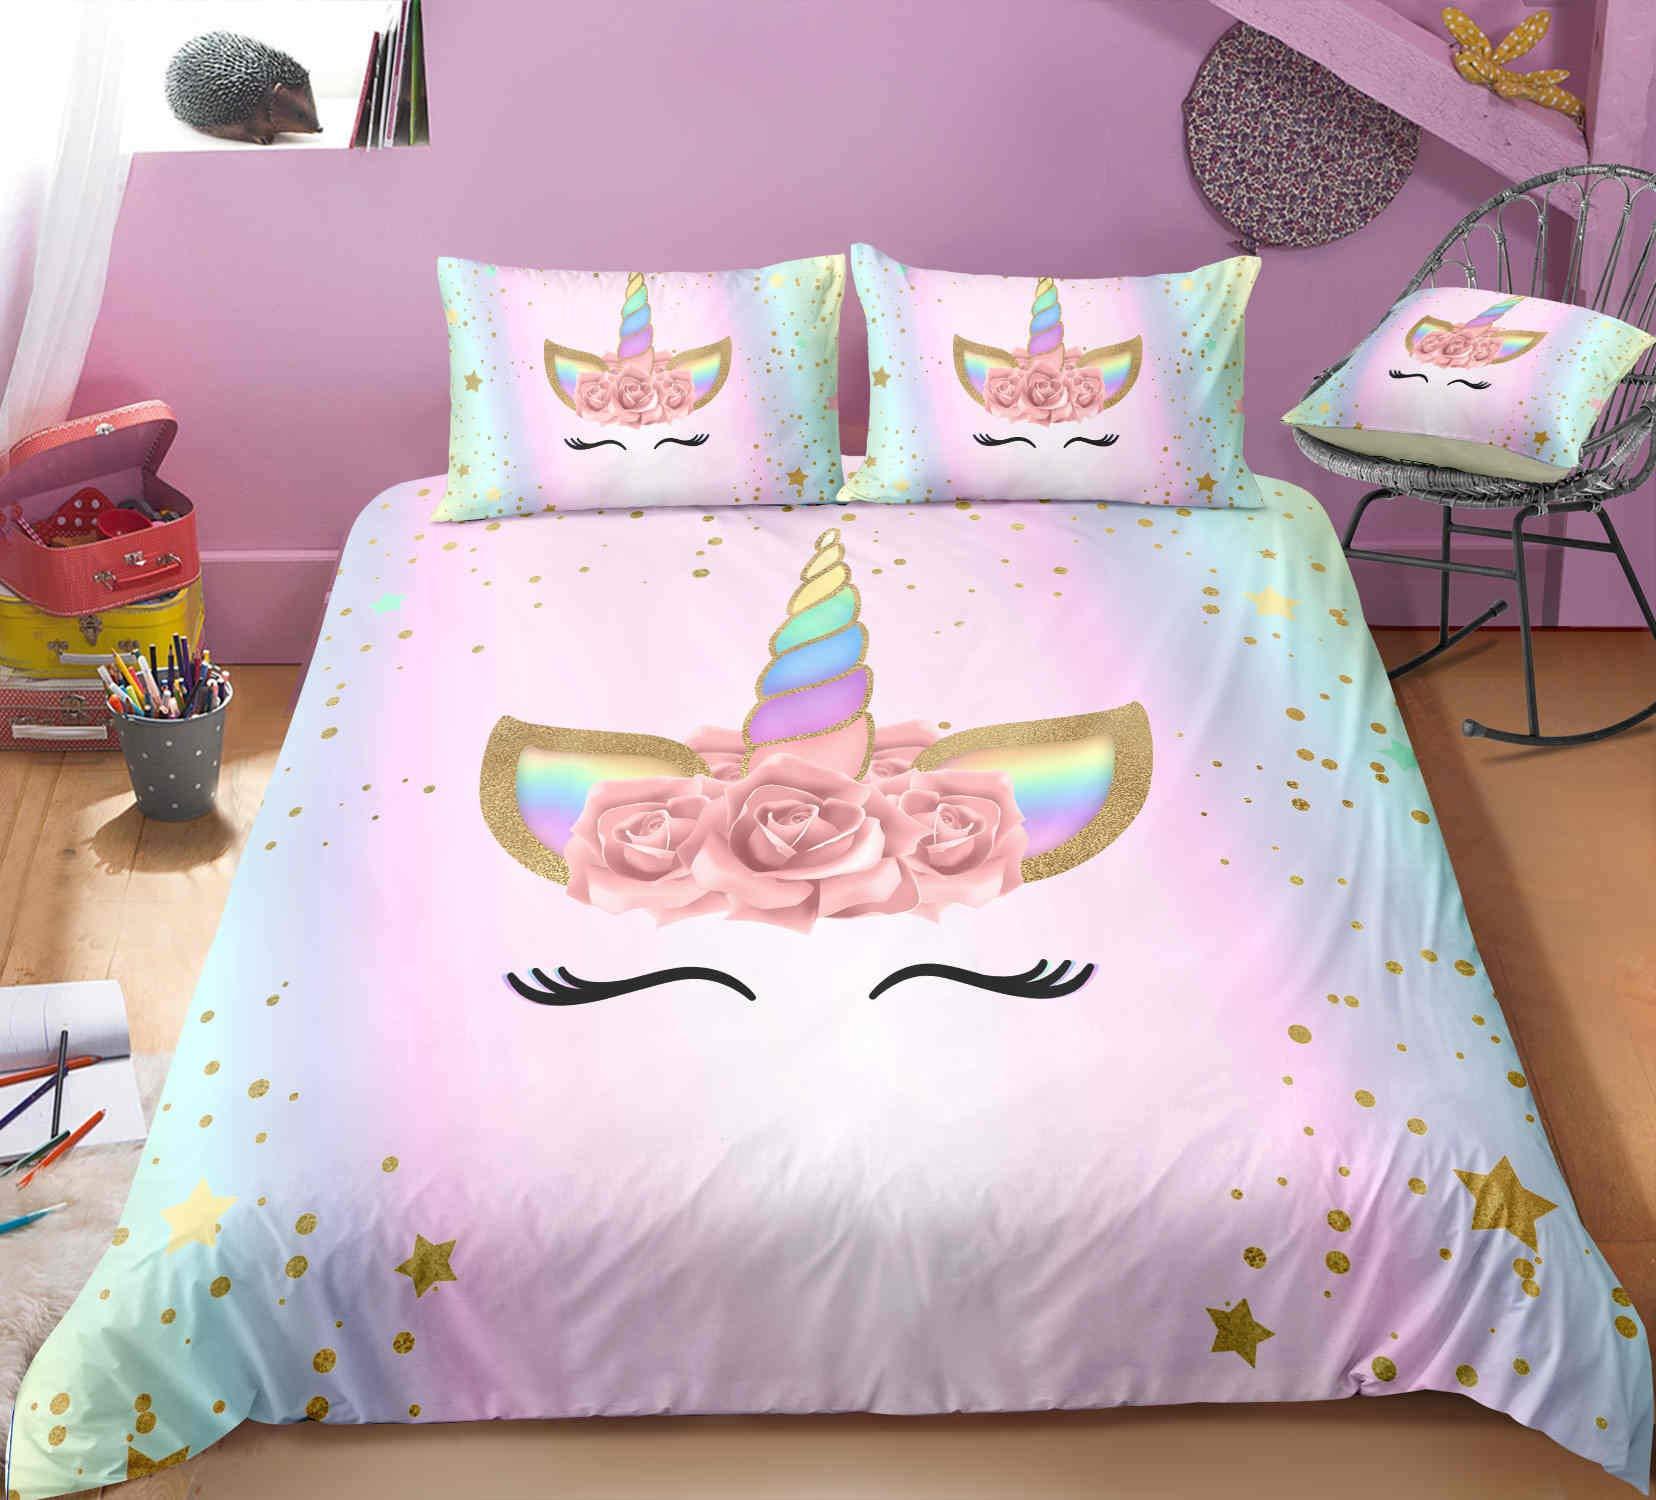 Mrbay Unicorn Duvet Cover Sets,Rainbow Kids Bedding setsFull Size,1Duvet Cover,2Pillowcase(No Comforter Inside)